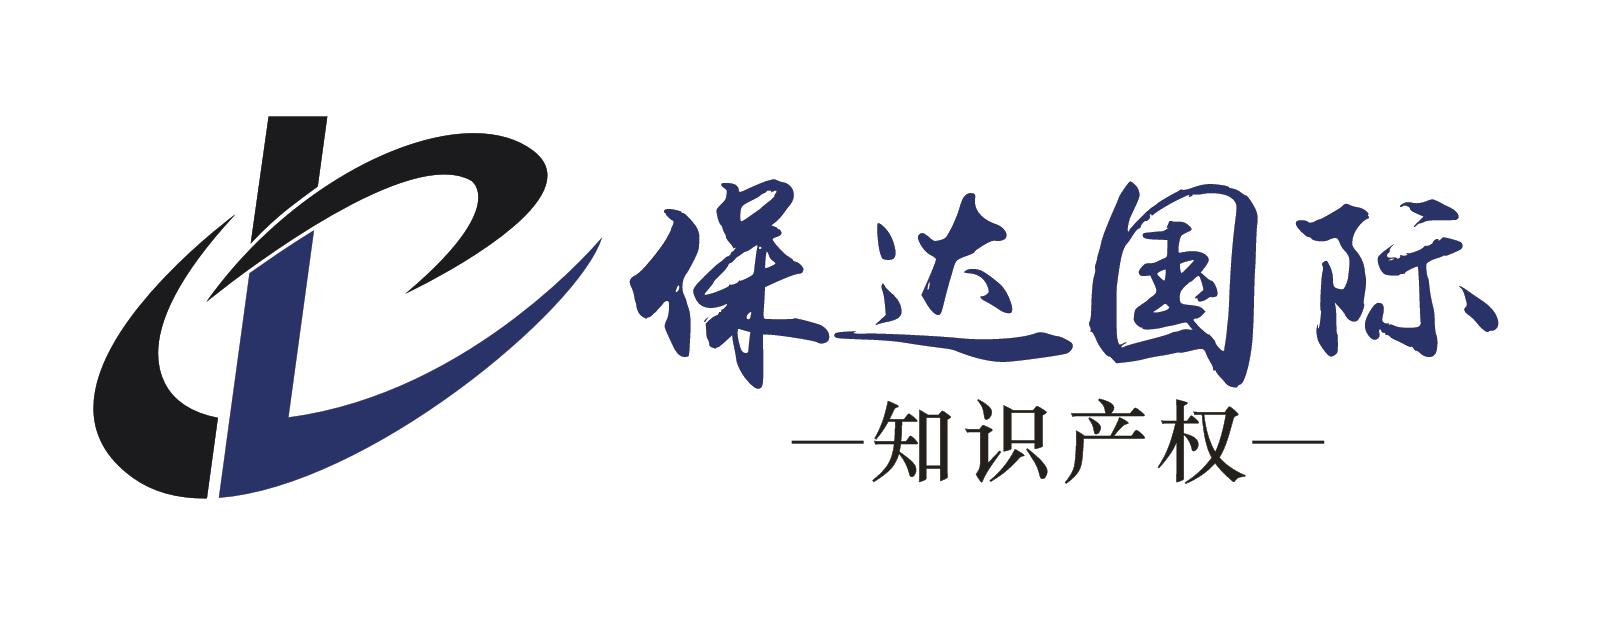 福田商标注册哪家服务好_专业商标注册申请服务申请